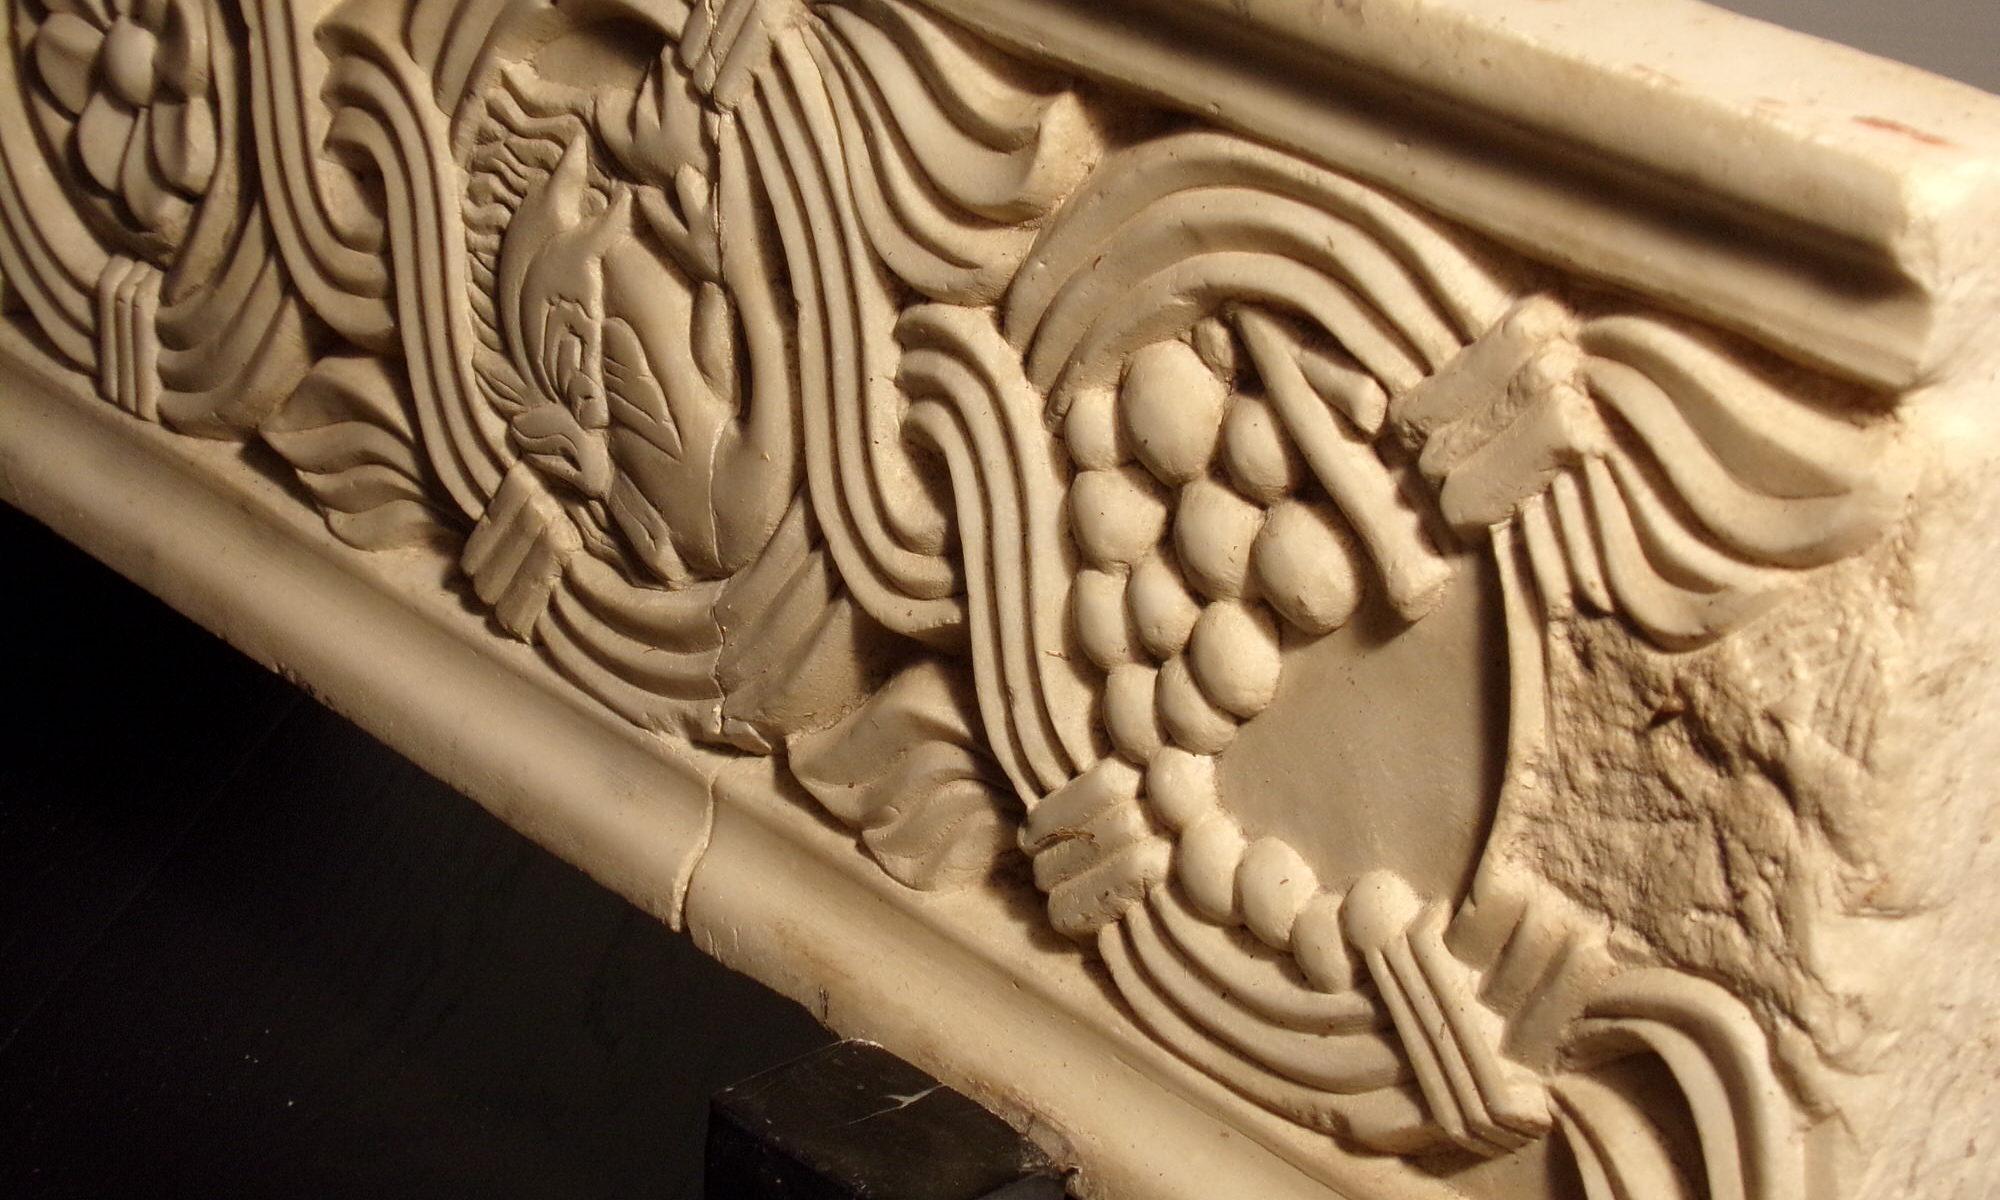 Frammento decorativo marmo antico con bassorilievo in stile bizantino